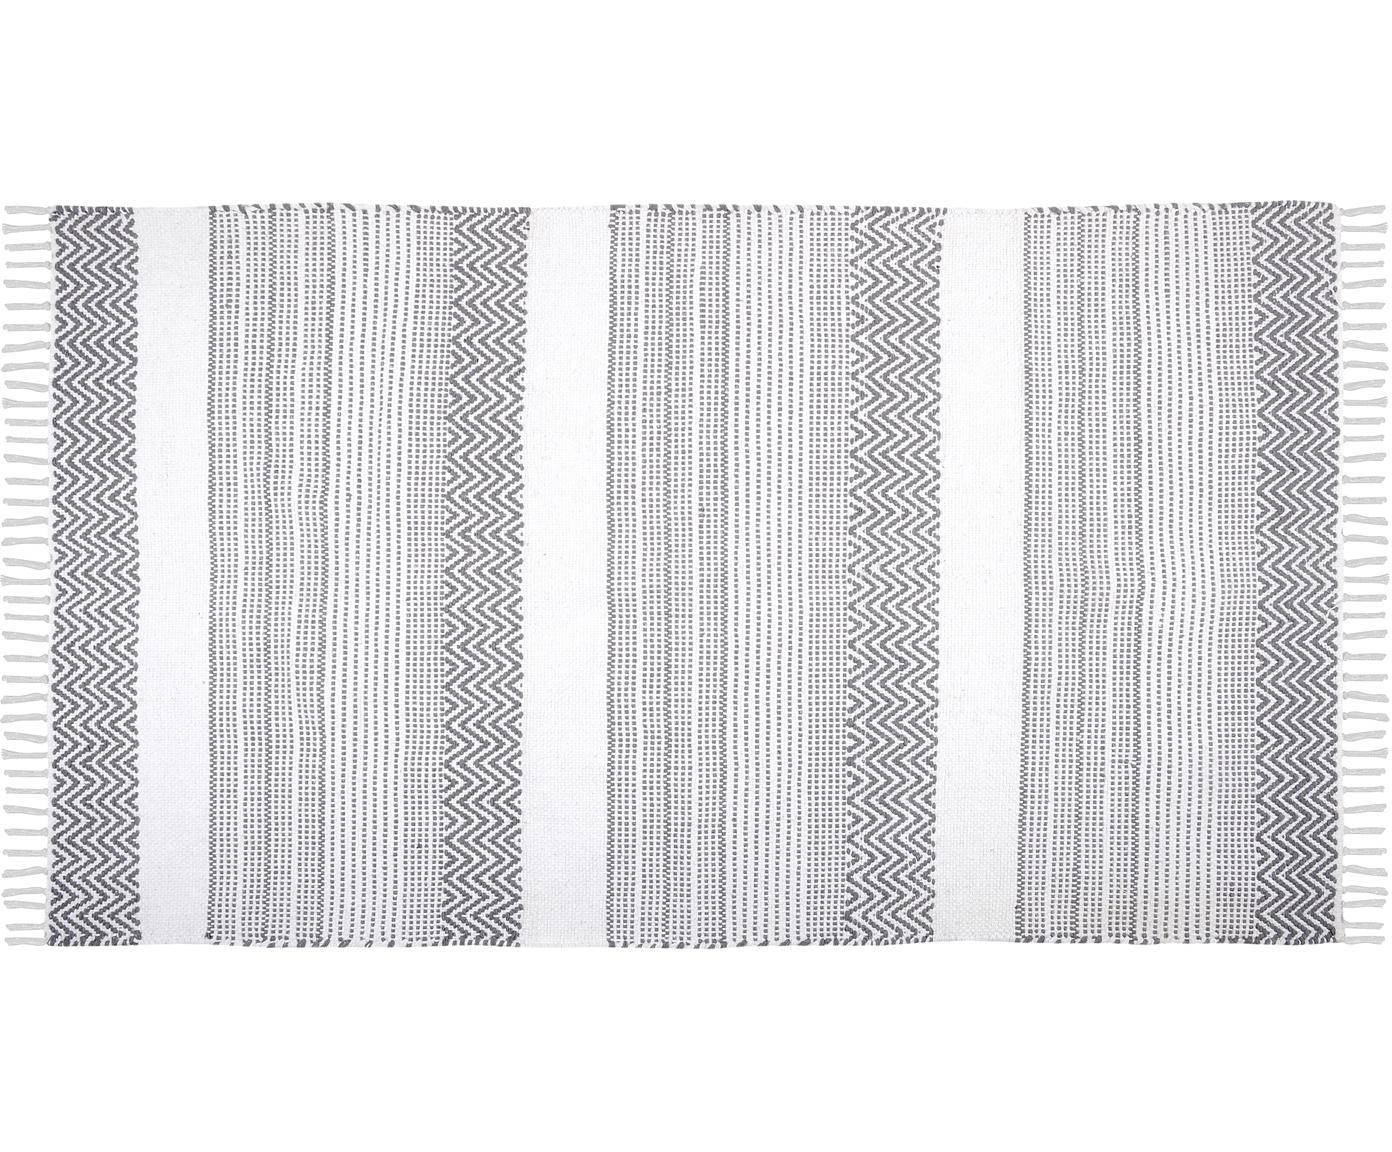 Baumwollteppich Iceland mit grafischem Streifendesign, 100% Baumwolle, Grau, Weiss, B 90 x L 150 cm (Grösse XS)